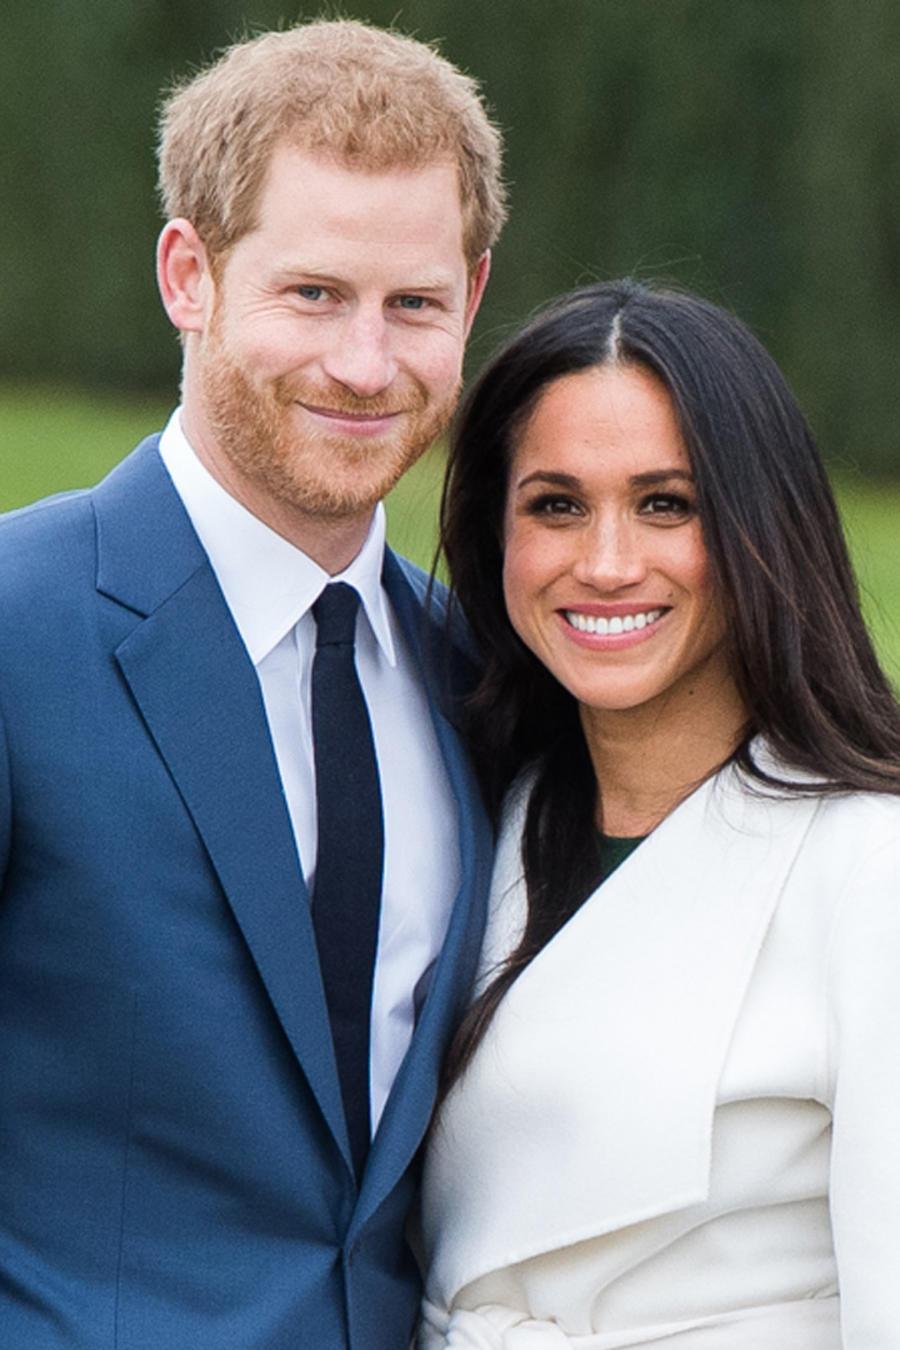 El príncipe Harry y su novia Meghan Markle muestran su anillo de compromiso en Londres el 27 de noviembre de 2017